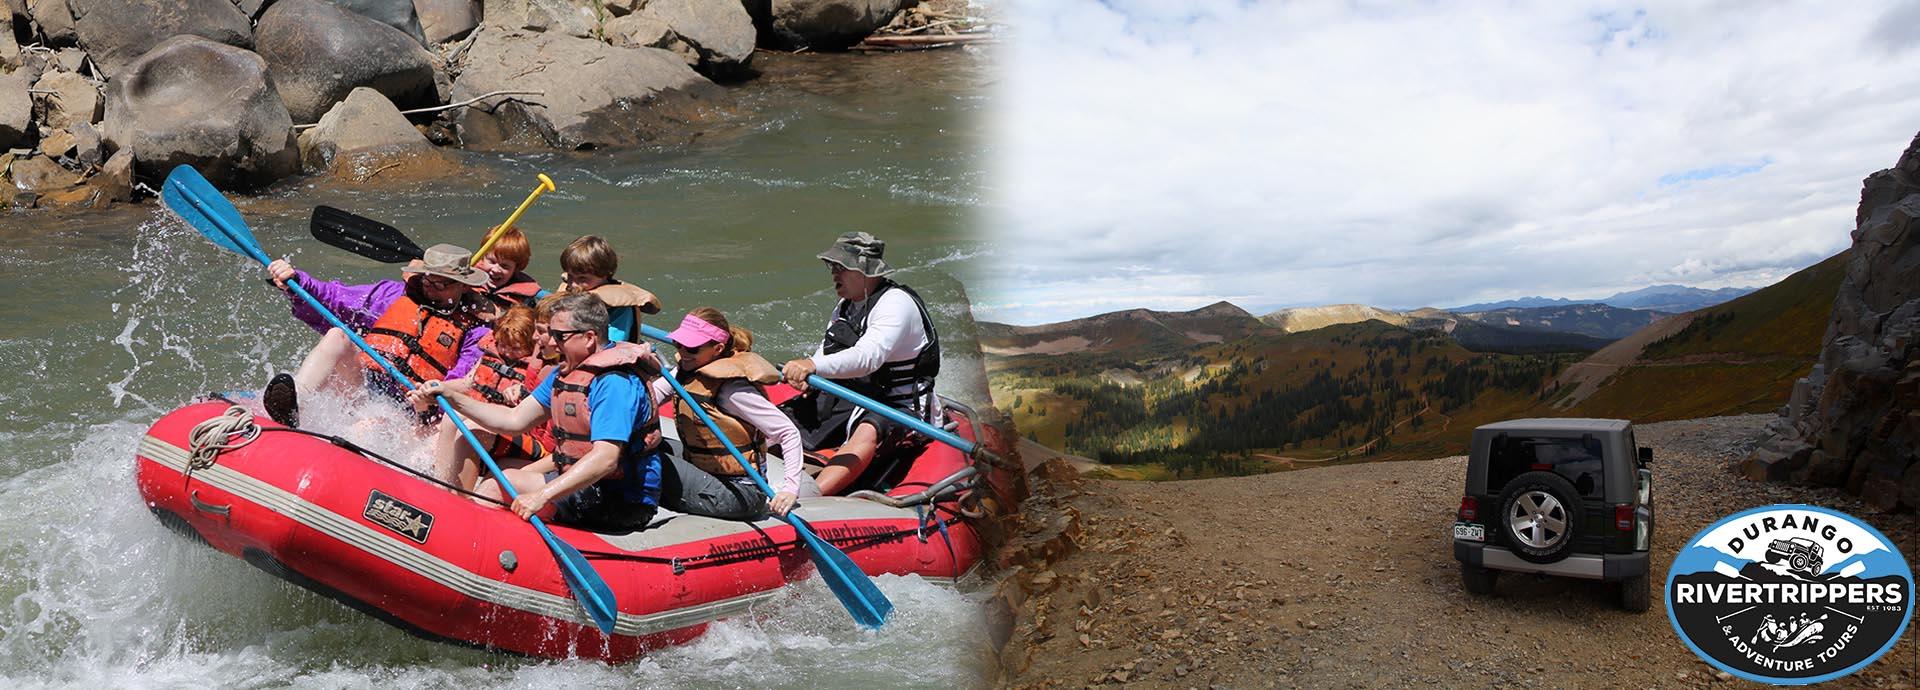 Rafting in Durango, Colorado